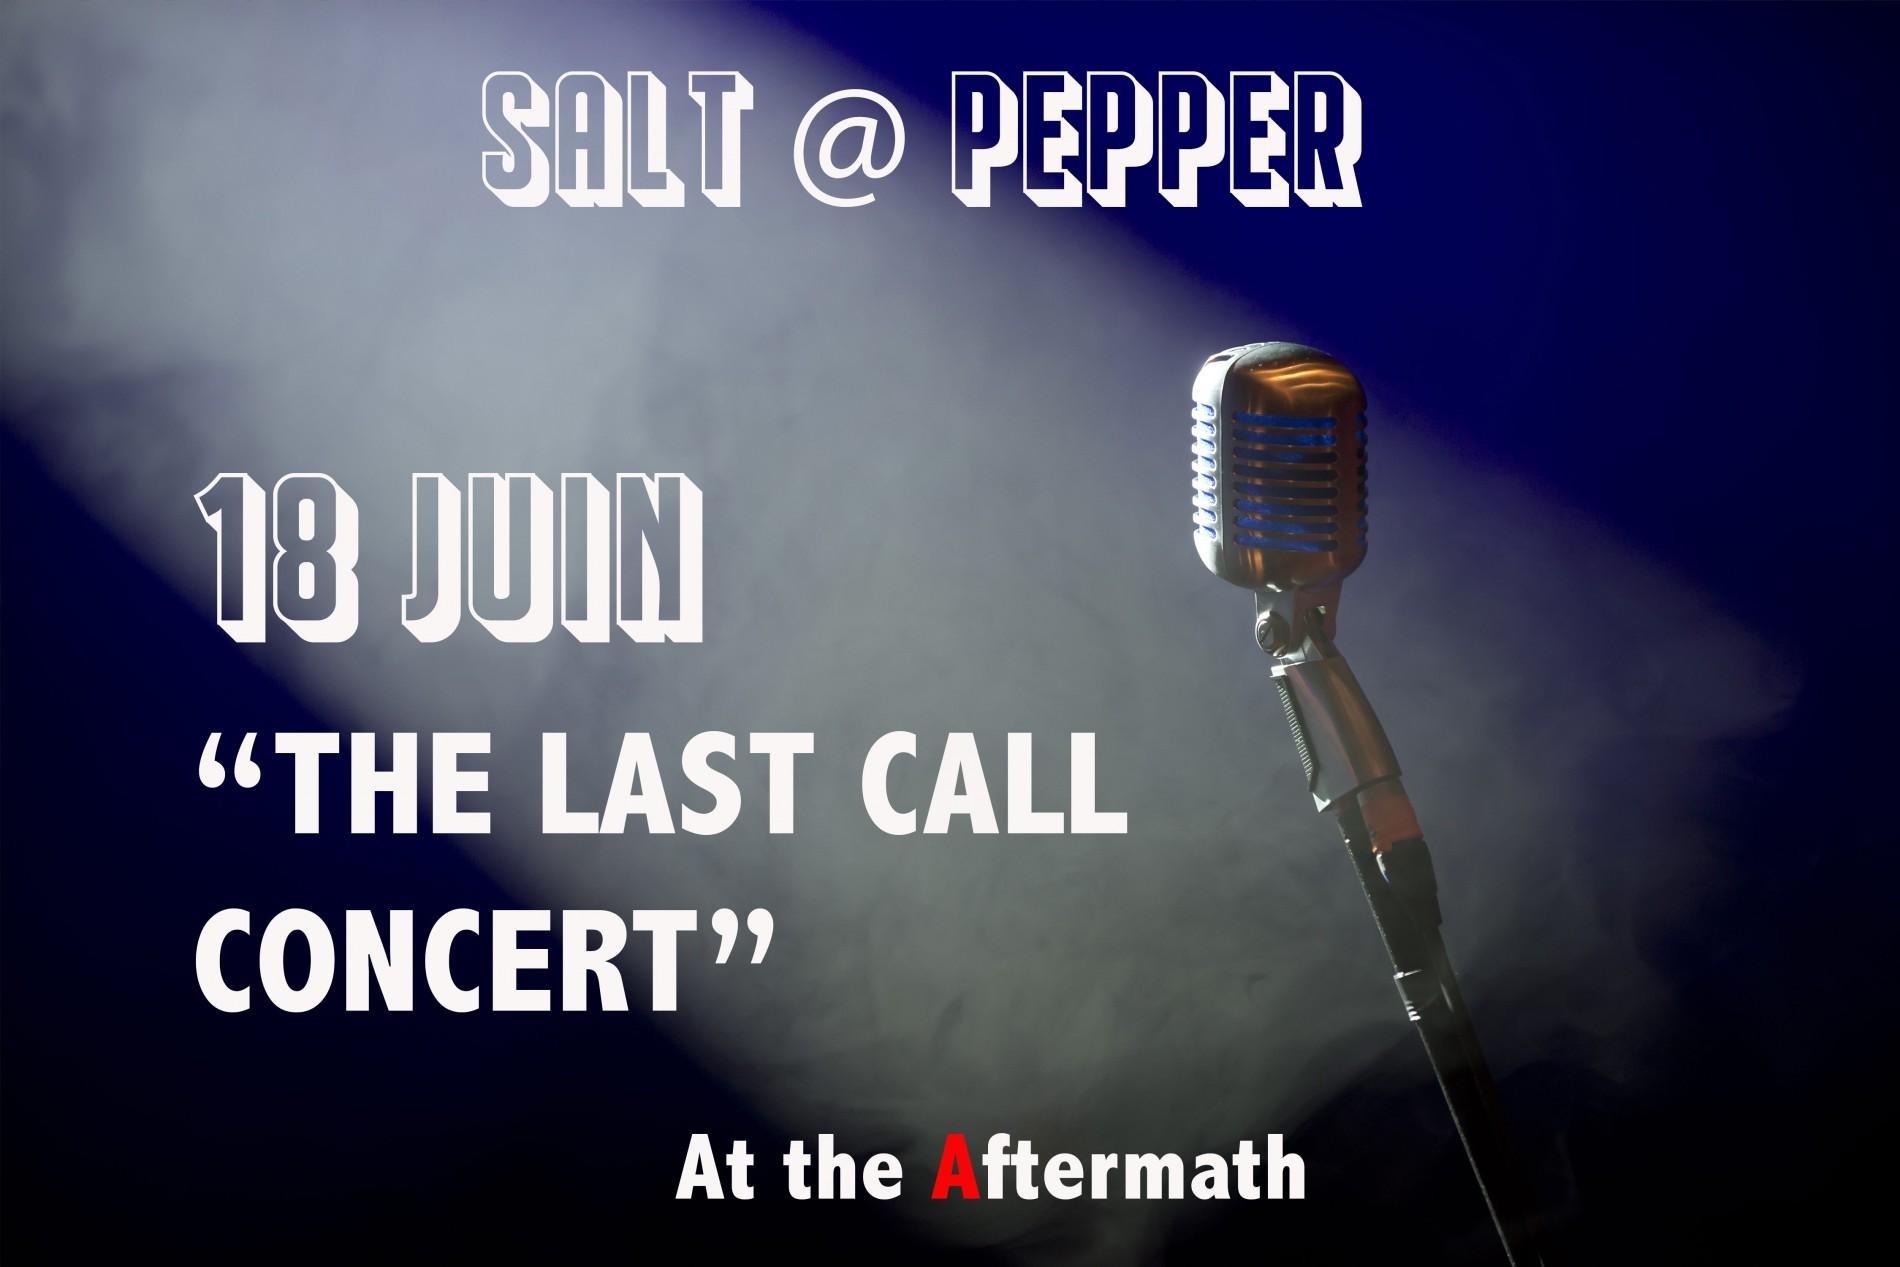 SALT&PEPPER